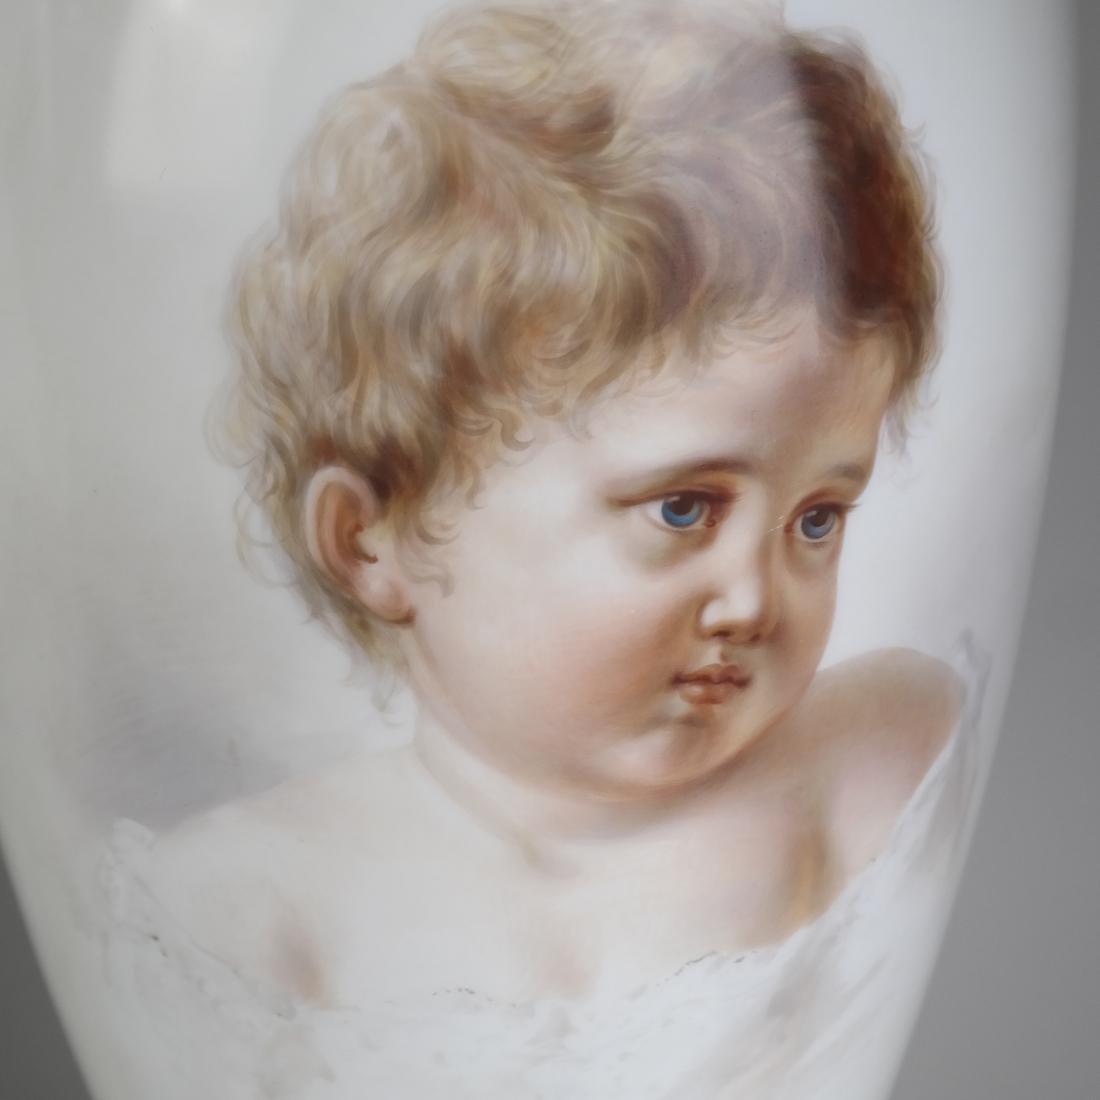 Pair of Opaline Glass Portrait Lamps - 3